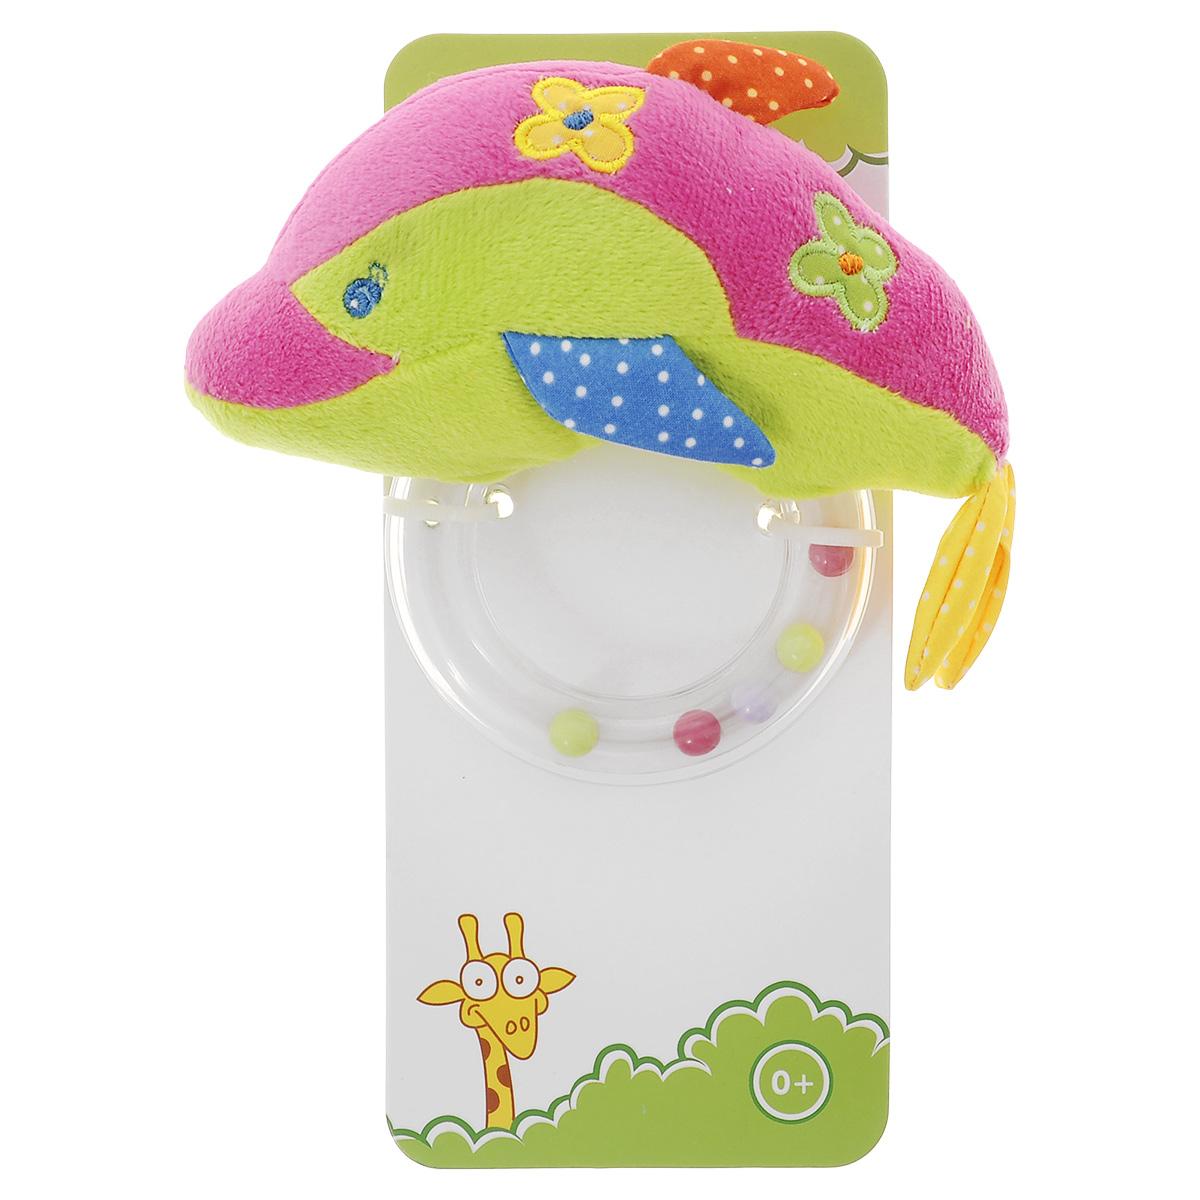 Развивающая игрушка Жирафики Дельфин-погремушка, цвет: малиновый, салатовый93584_малиновый/салатовыйРазвивающая игрушка Жирафики Дельфин-погремушка - это комбинация мягкой игрушки и погремушки. Игрушка сшита из ярких тканей разных цветов и декорированы цветочками. Как же весело и интересно ее рассматривать! А держать ее в маленьких ручках еще интереснее, ведь она таит в себе столько приятных сюрпризов! Игрушка помогает развивать навыки слухового, зрительного и тактильного восприятия, а также способствует расширению кругозора малыша.